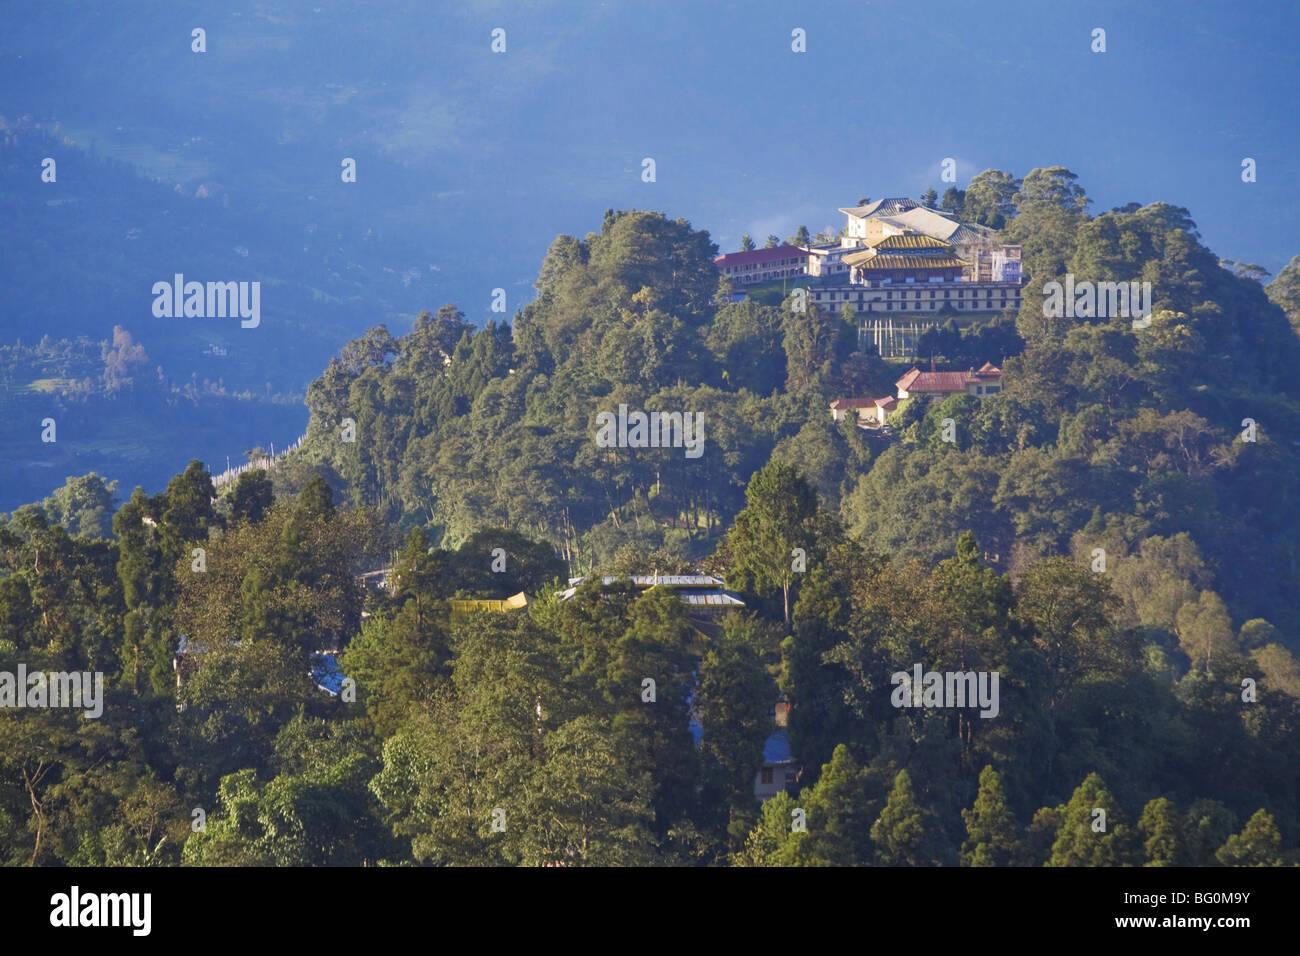 Vue de la ville de Tashi Vue de Palais Royal monastery, Gangtok, Sikkim, Inde, Asie Photo Stock